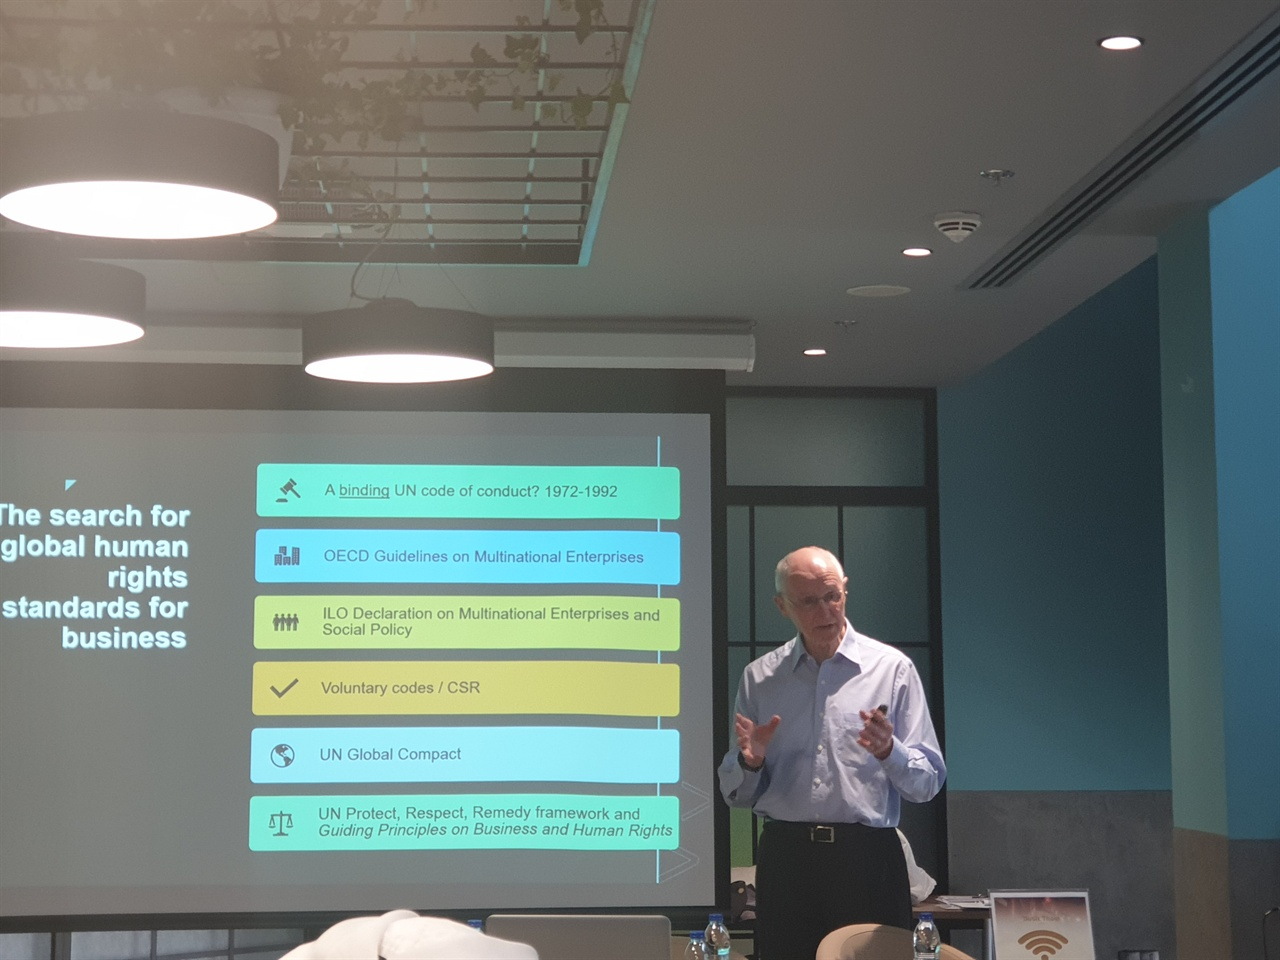 인권 경영과 이주노동자의 권리 인권 경영과 이주노동자의 권리에 대해 국제 기준과 원칙들을 제시하며 강의하고 있는 폴 레드몬드 교수